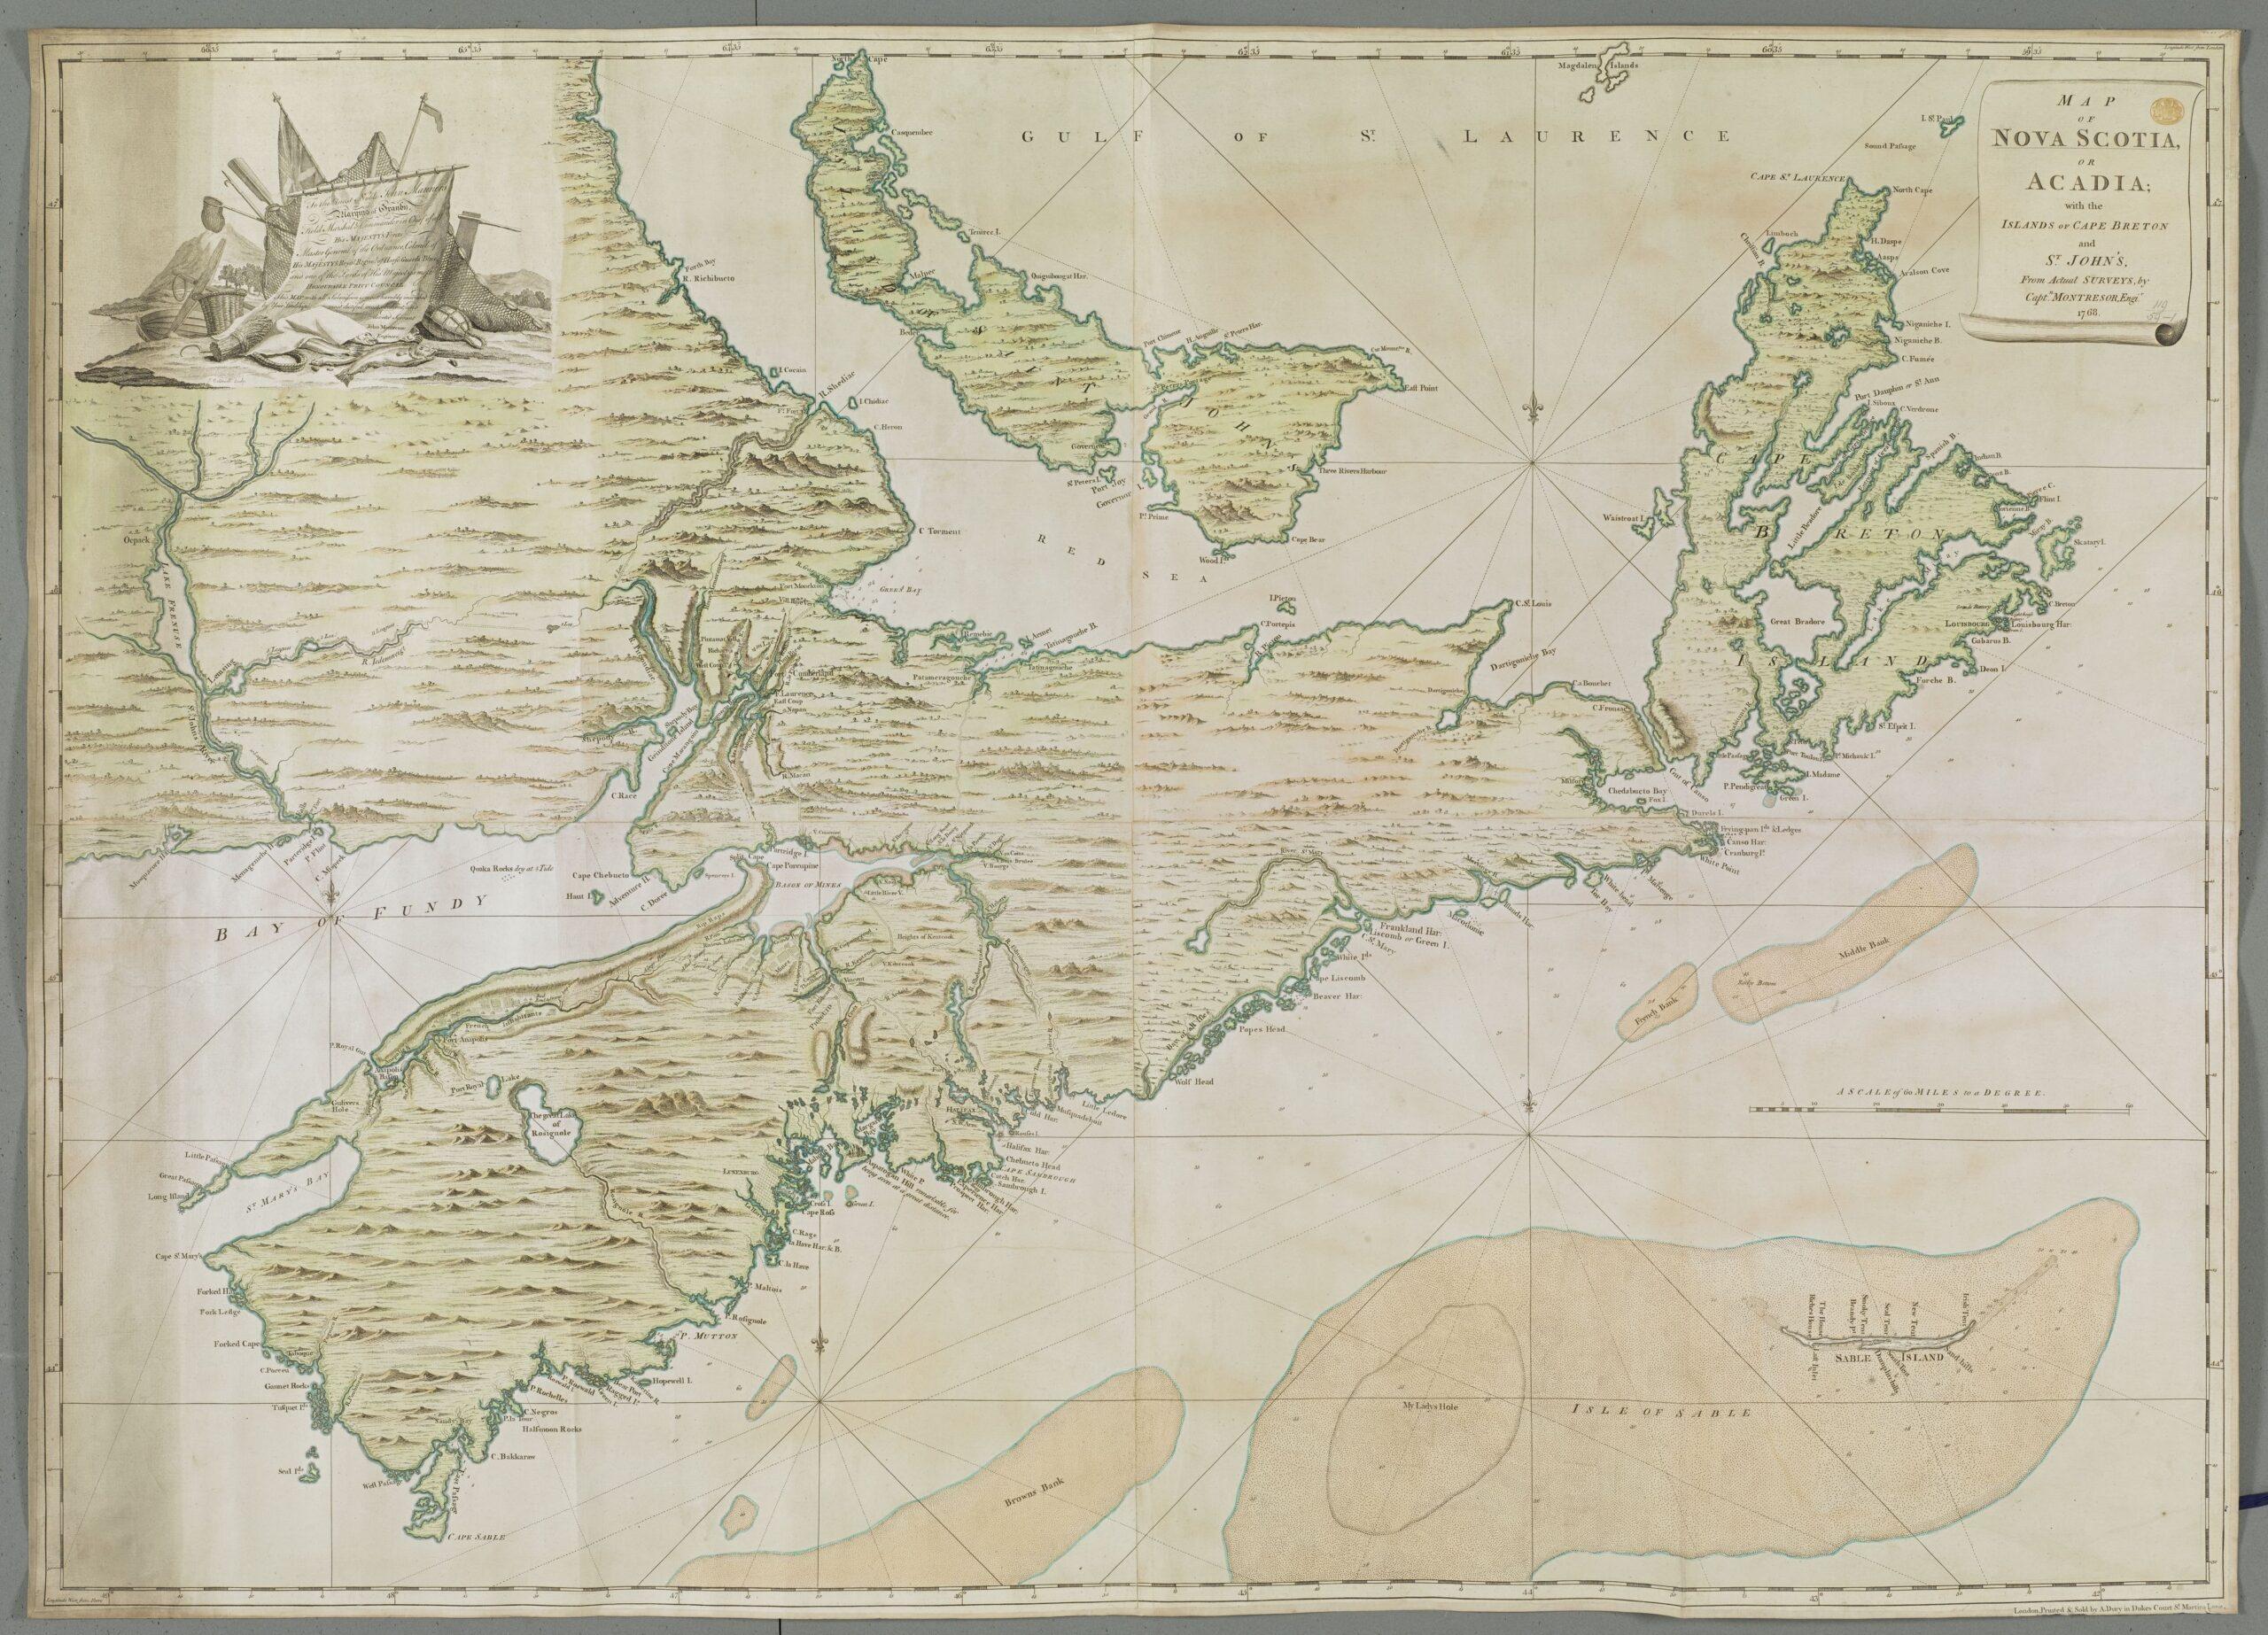 Old map of Nova Scotia and PEI